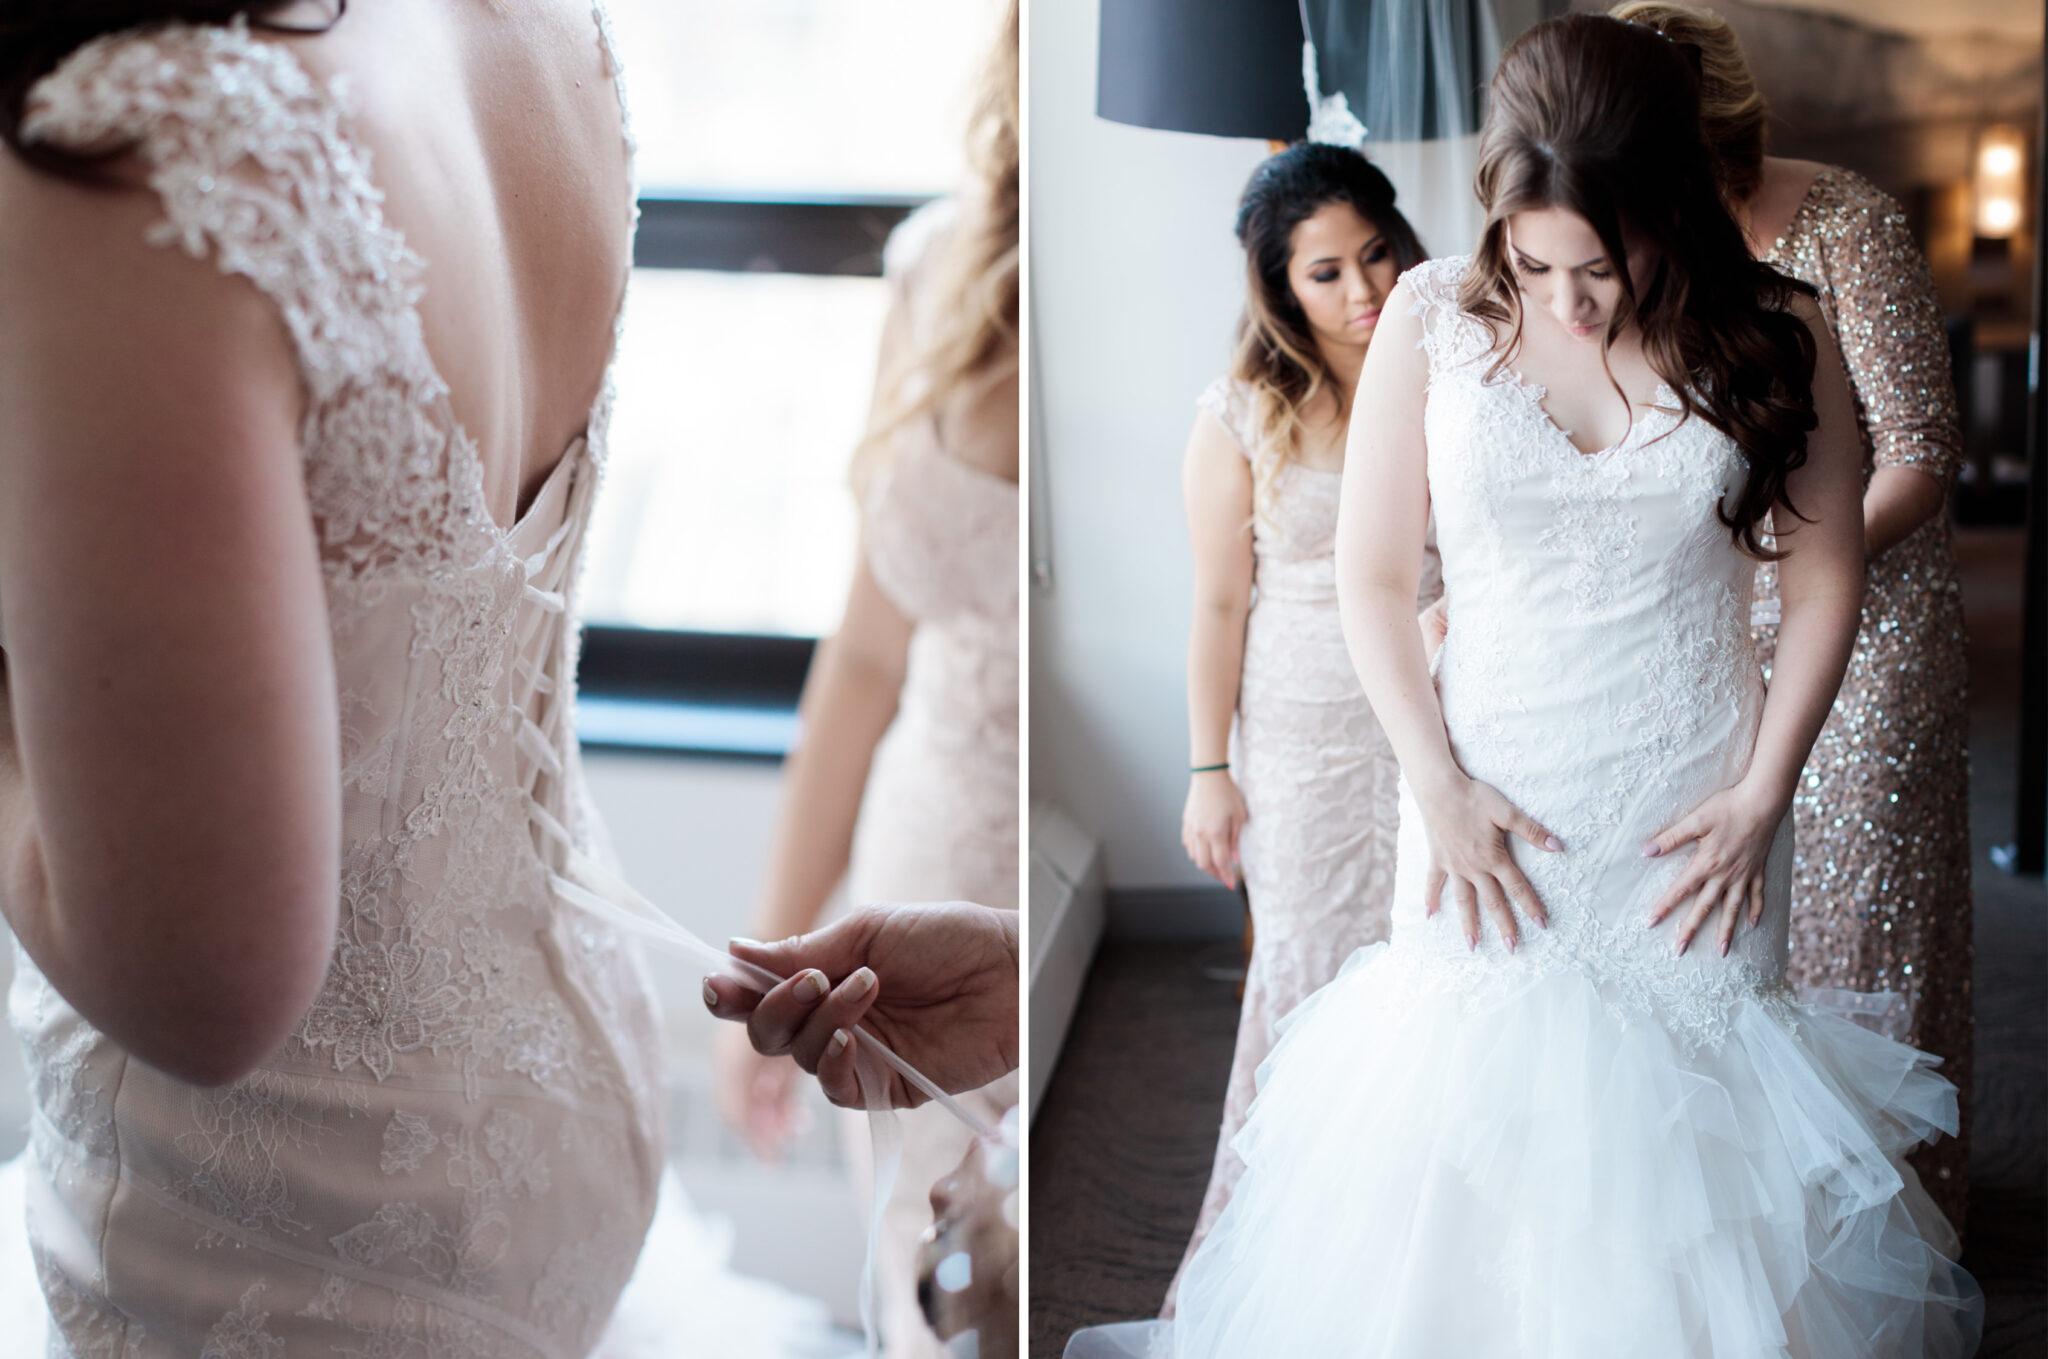 Getting Ready Wedding Photography Ideas  Calgary Wedding